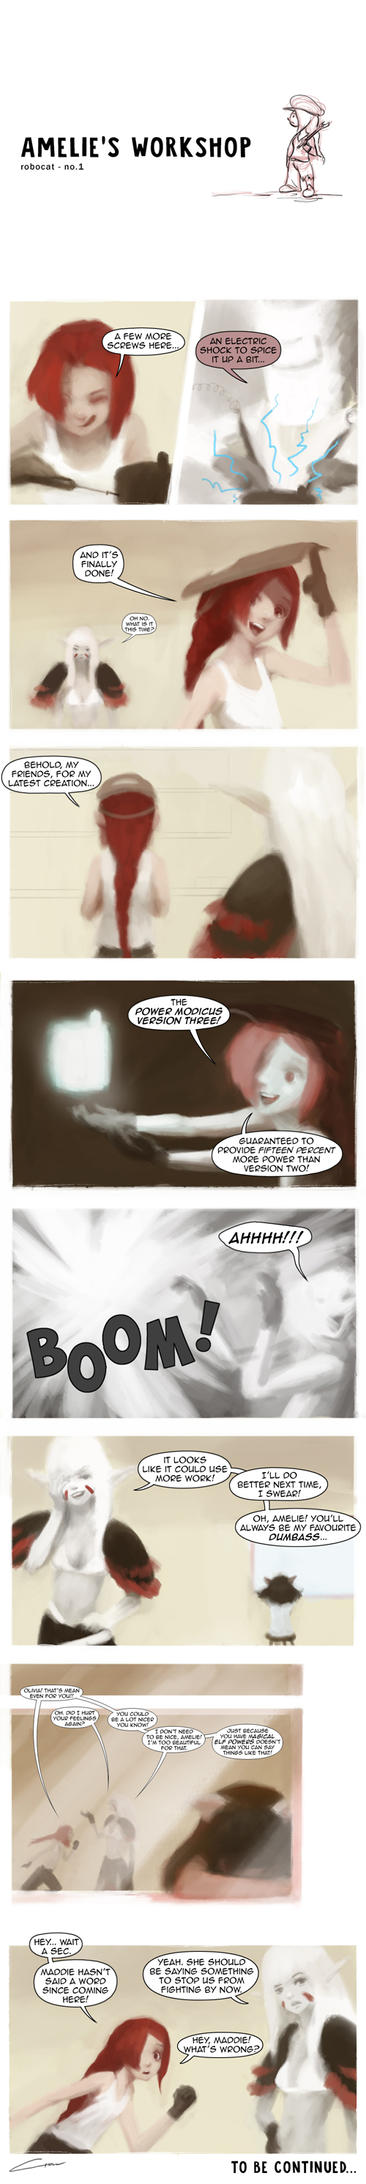 Amelie's Workshop 1 (Original Comic) by Alex-Chow